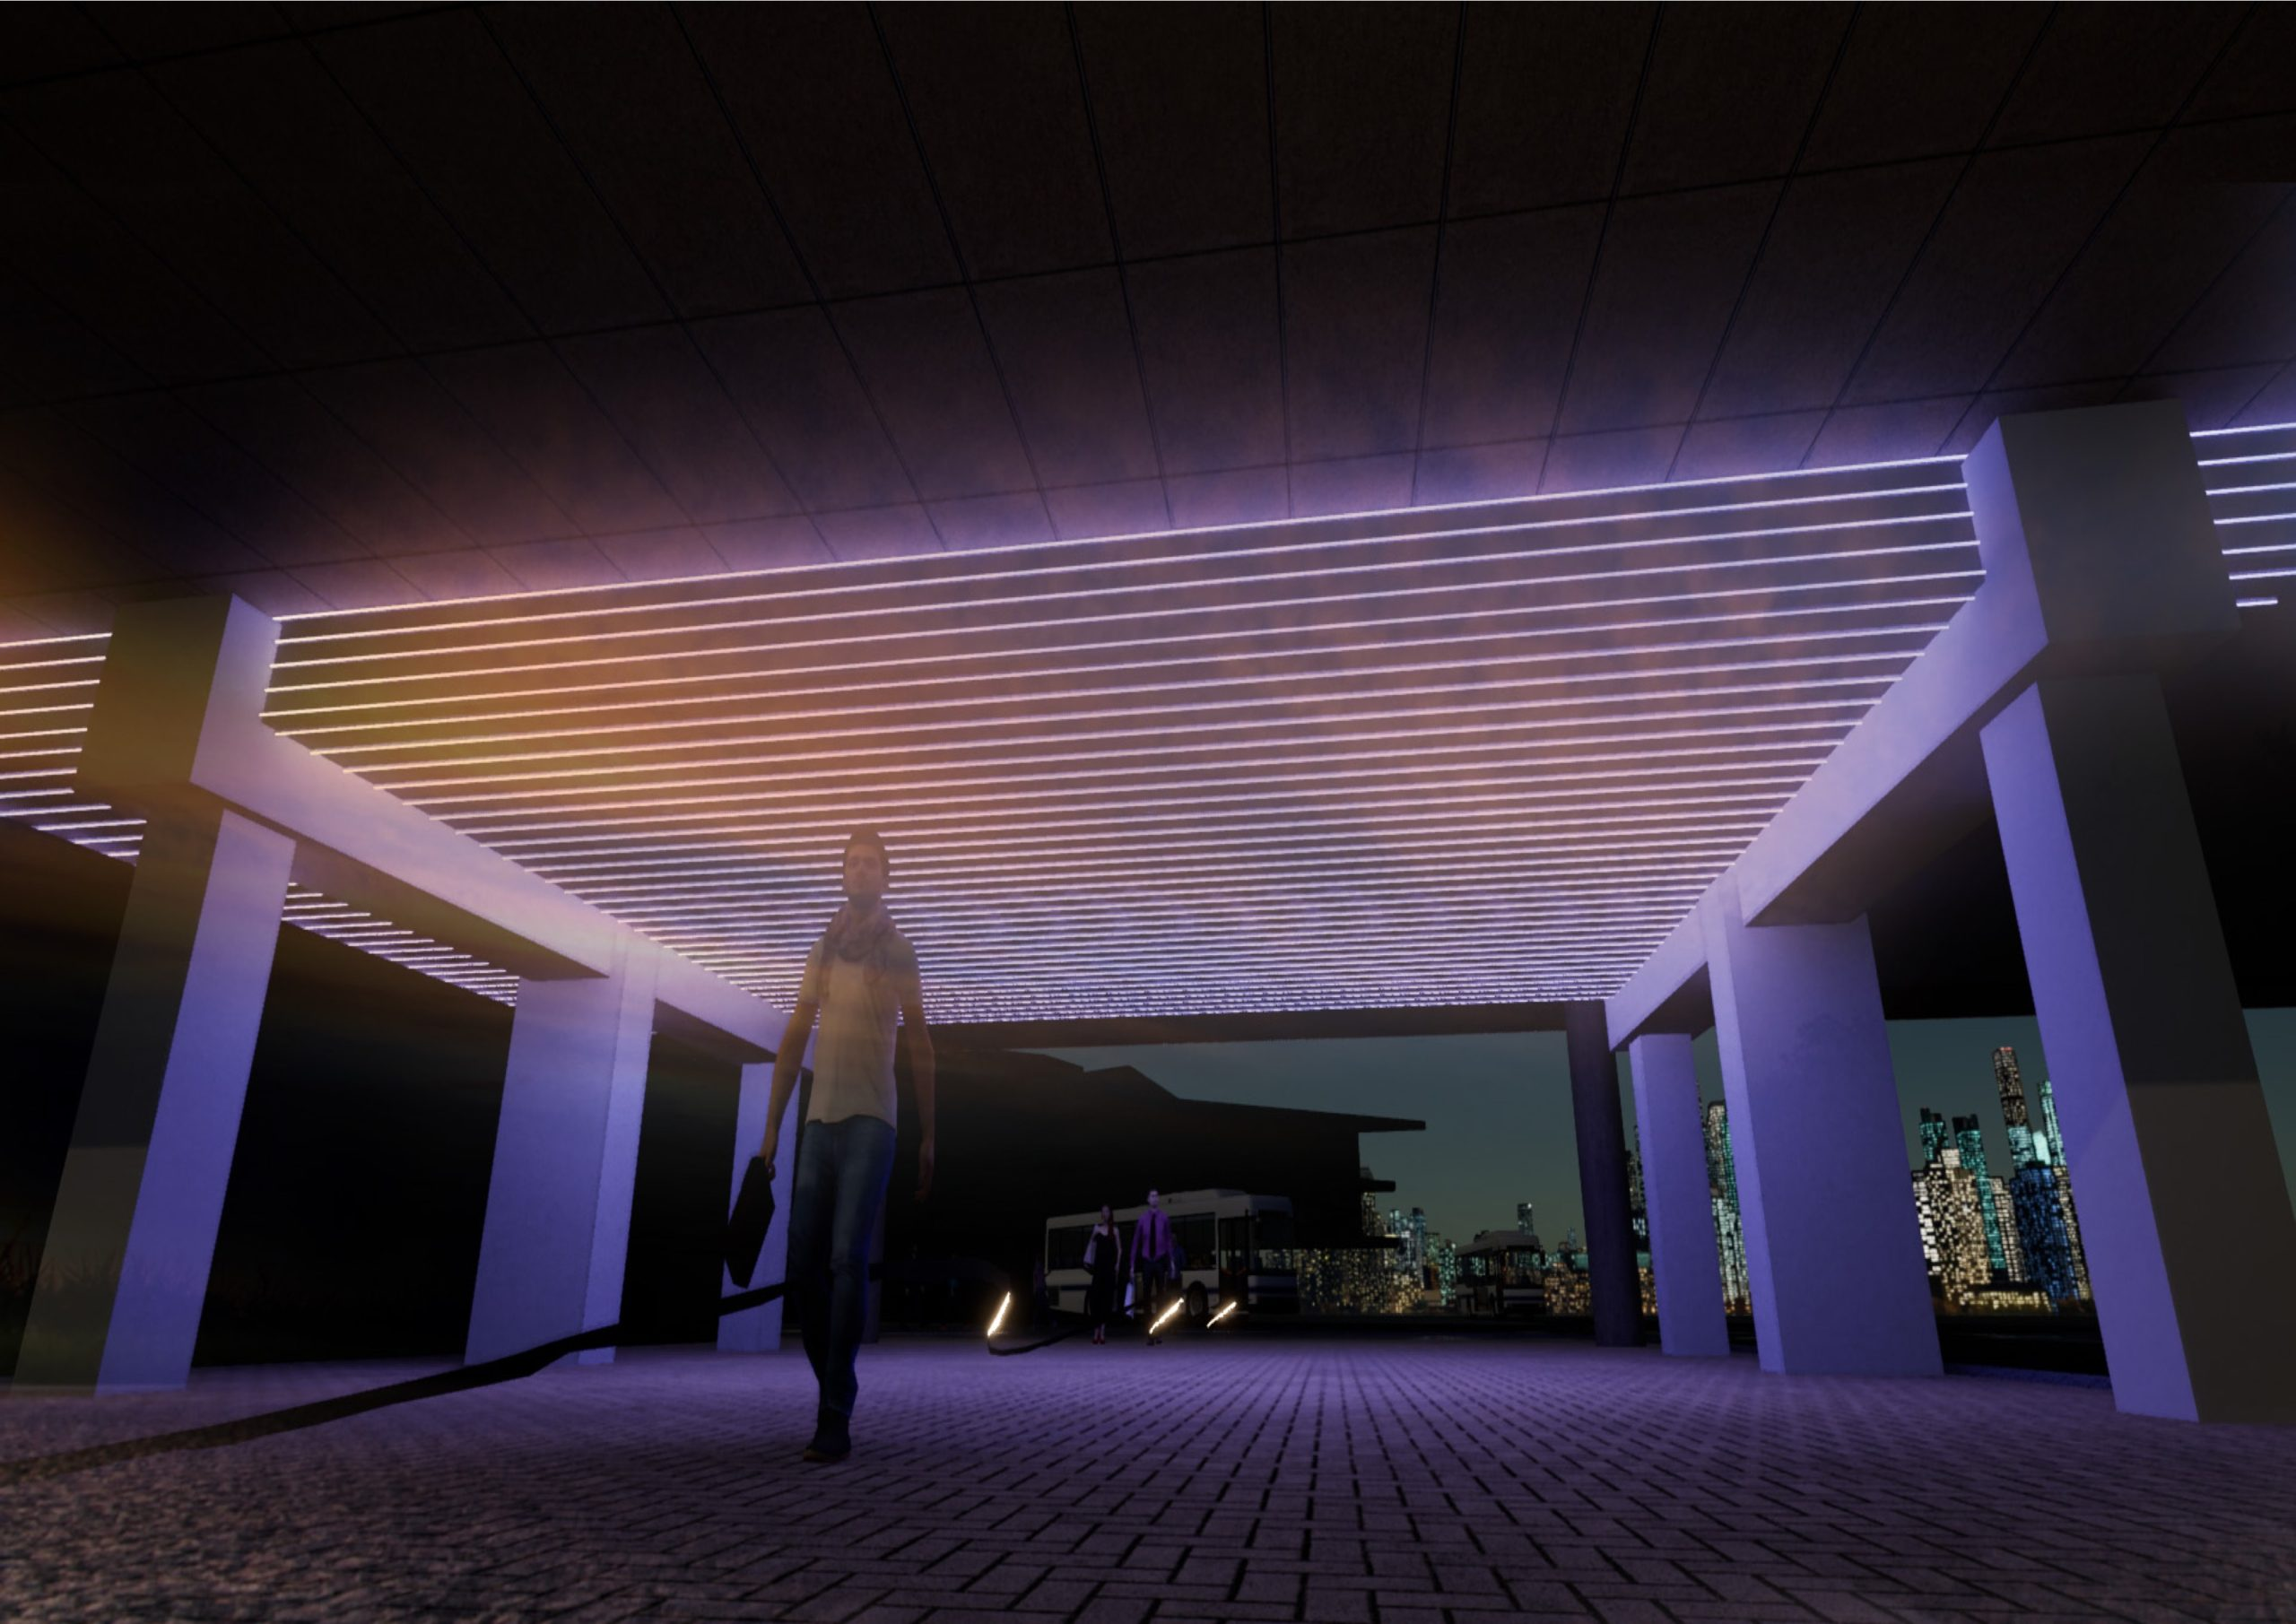 Lichtlucht, Arttenders x VeniVidiMultiplex (2021)